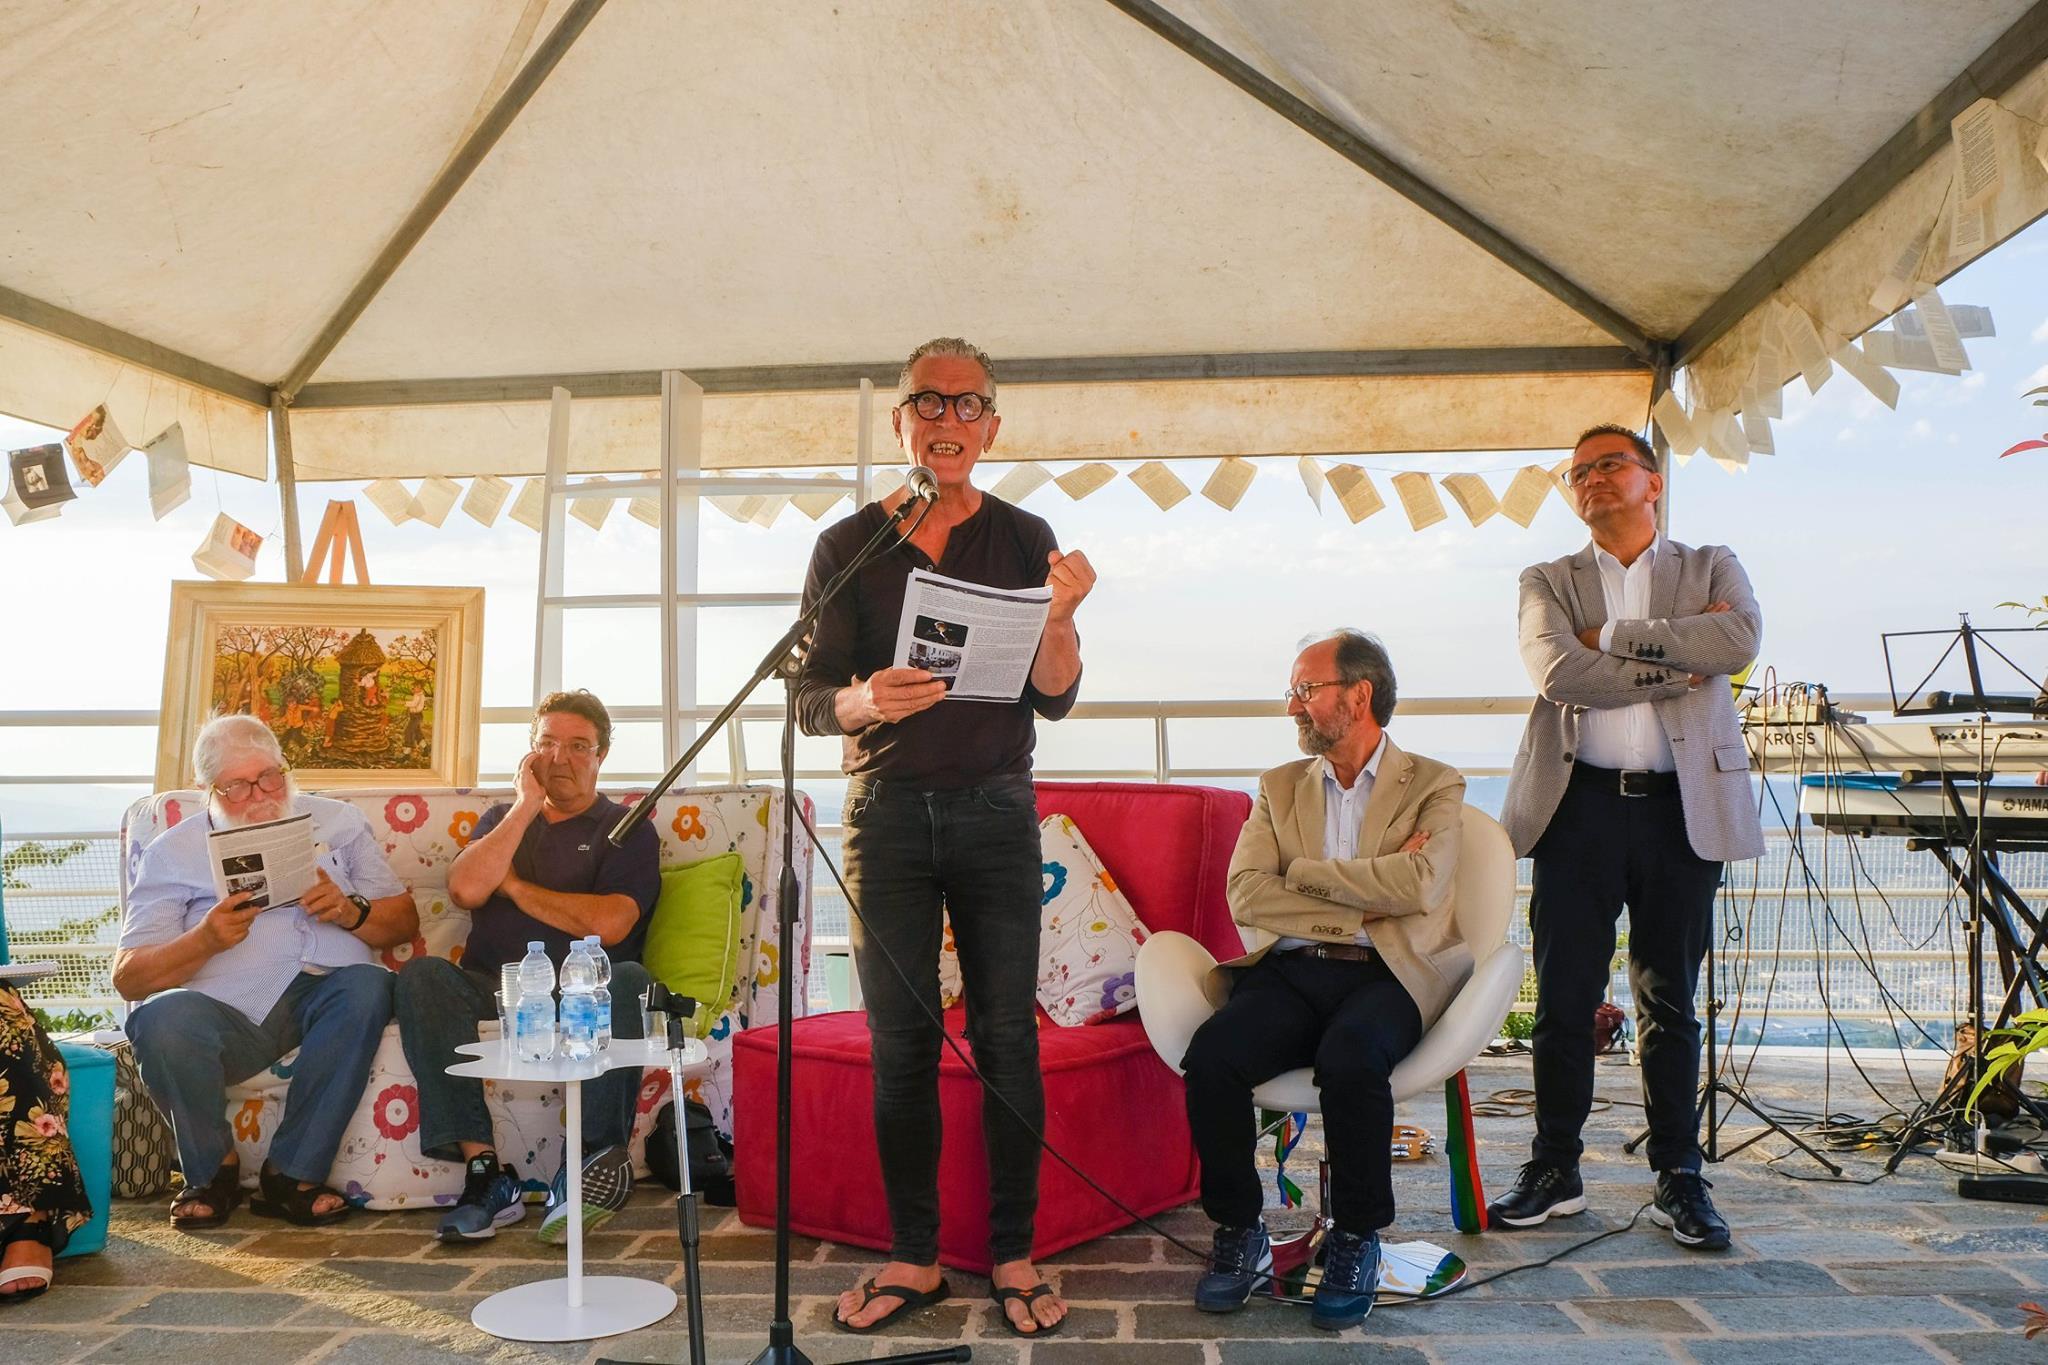 Castellalto risorge, tra autori, editori ed artisti